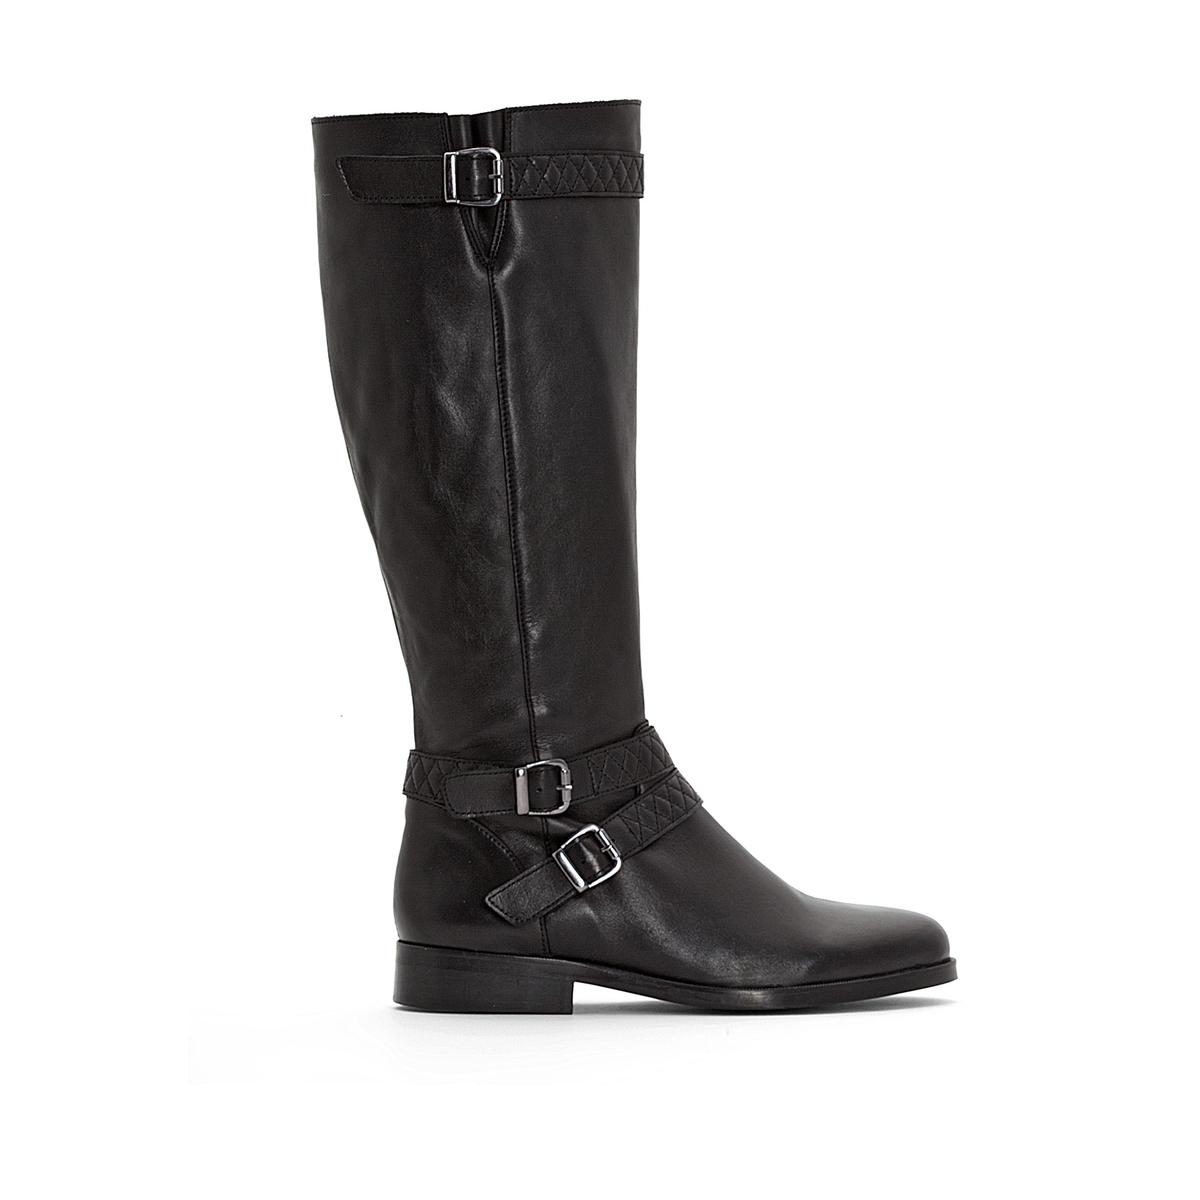 Сапоги кожаные в байкерском стиле для широкой стопы, размеры 38-45 сапоги norka сапоги в стиле чулок стрейч